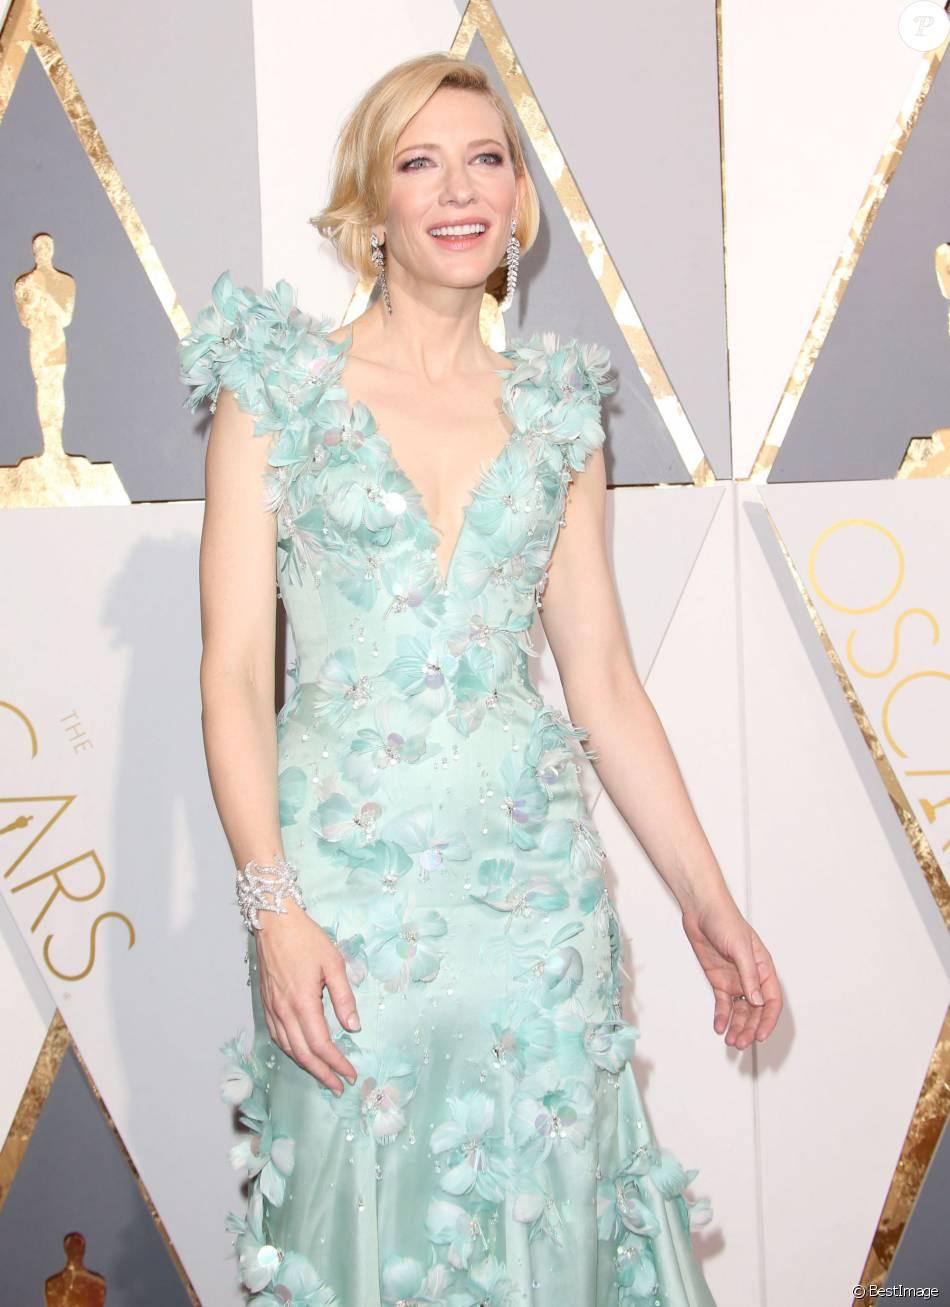 Cate Blanchett - Arrivées à la 88e cérémonie des Oscars à Los Angeles le 28 février 2016.